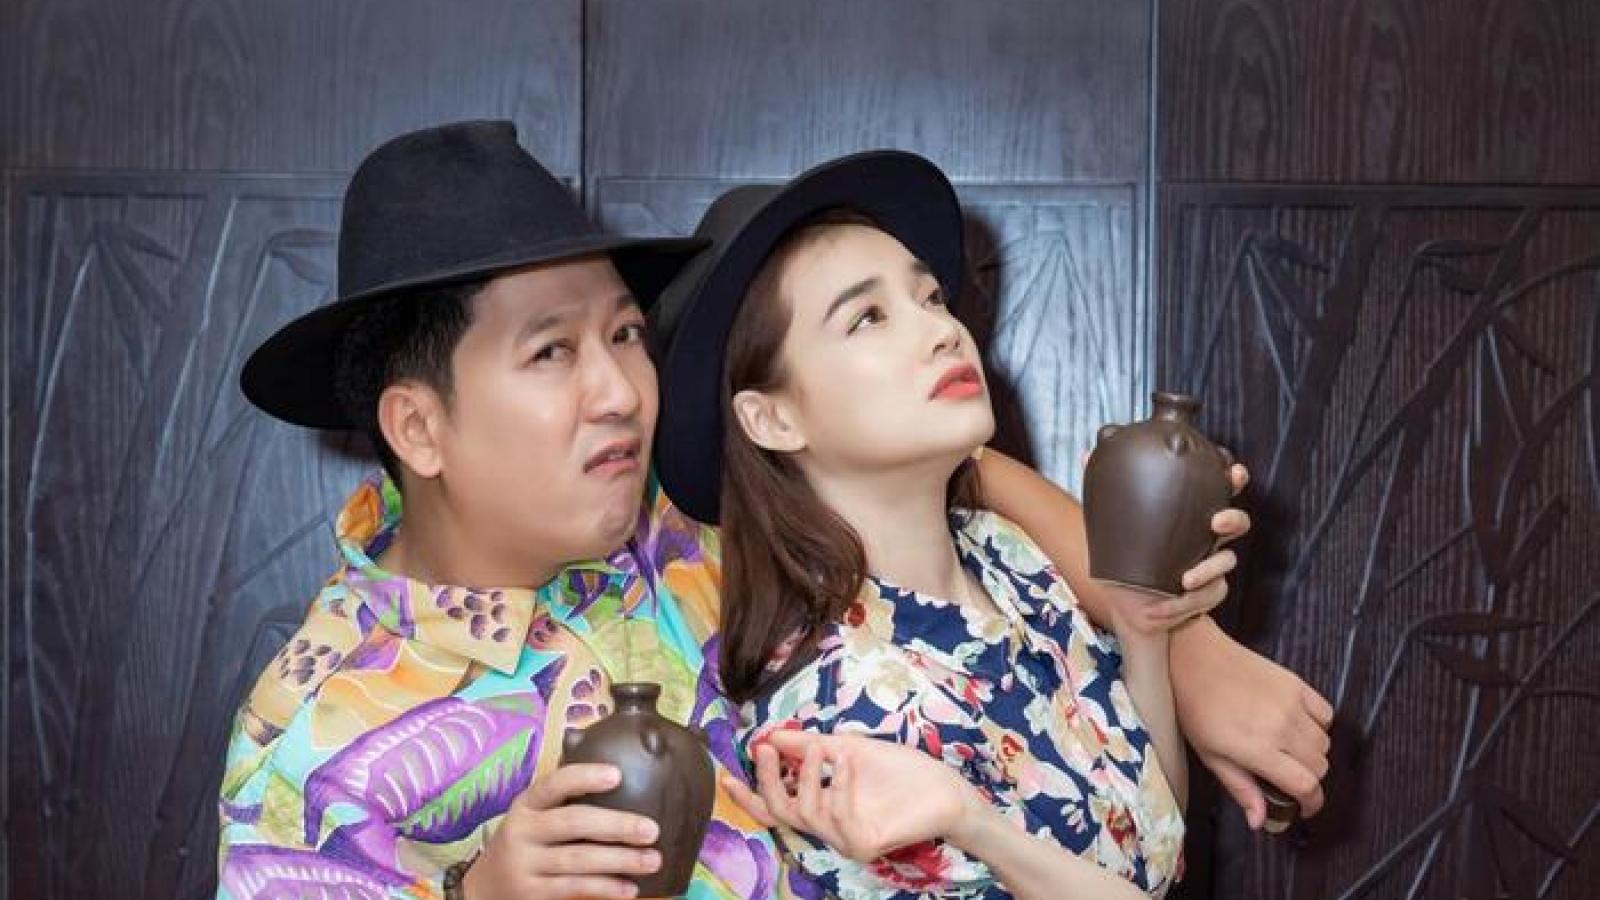 Trường Giang, Nhã Phương diện đồ đôi, đi dép tổ ong tạo dáng hài hước